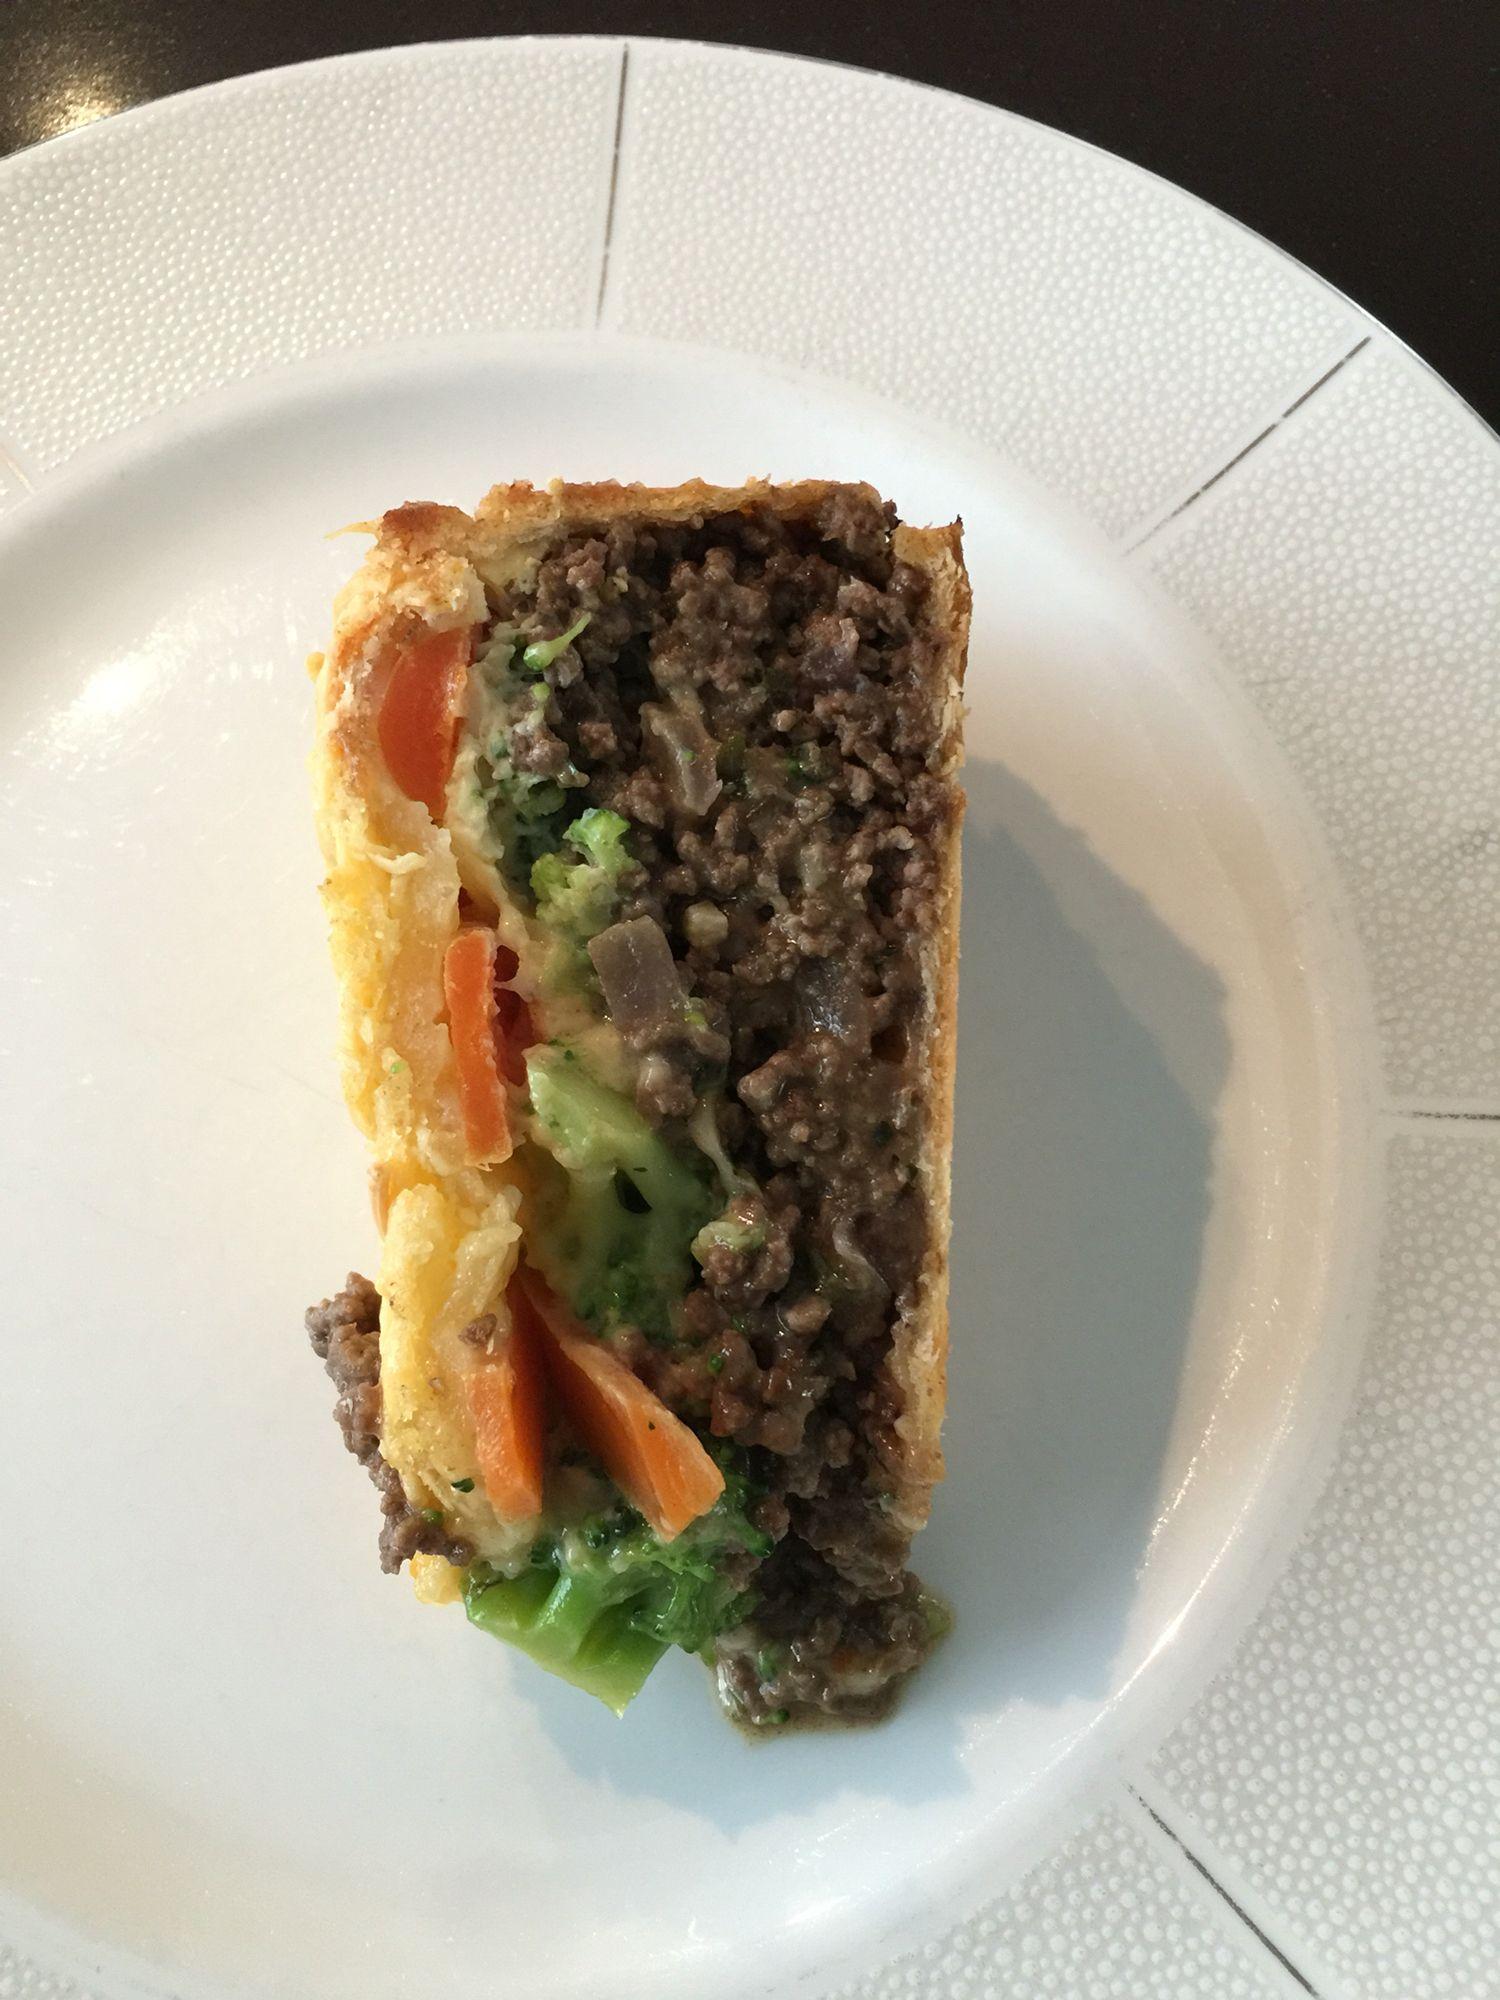 Een quiche met gehakt, ui, knoflook, broccoli, wortels, geraspte oude kaas en 5 eieren. 25 min op 220 graden.